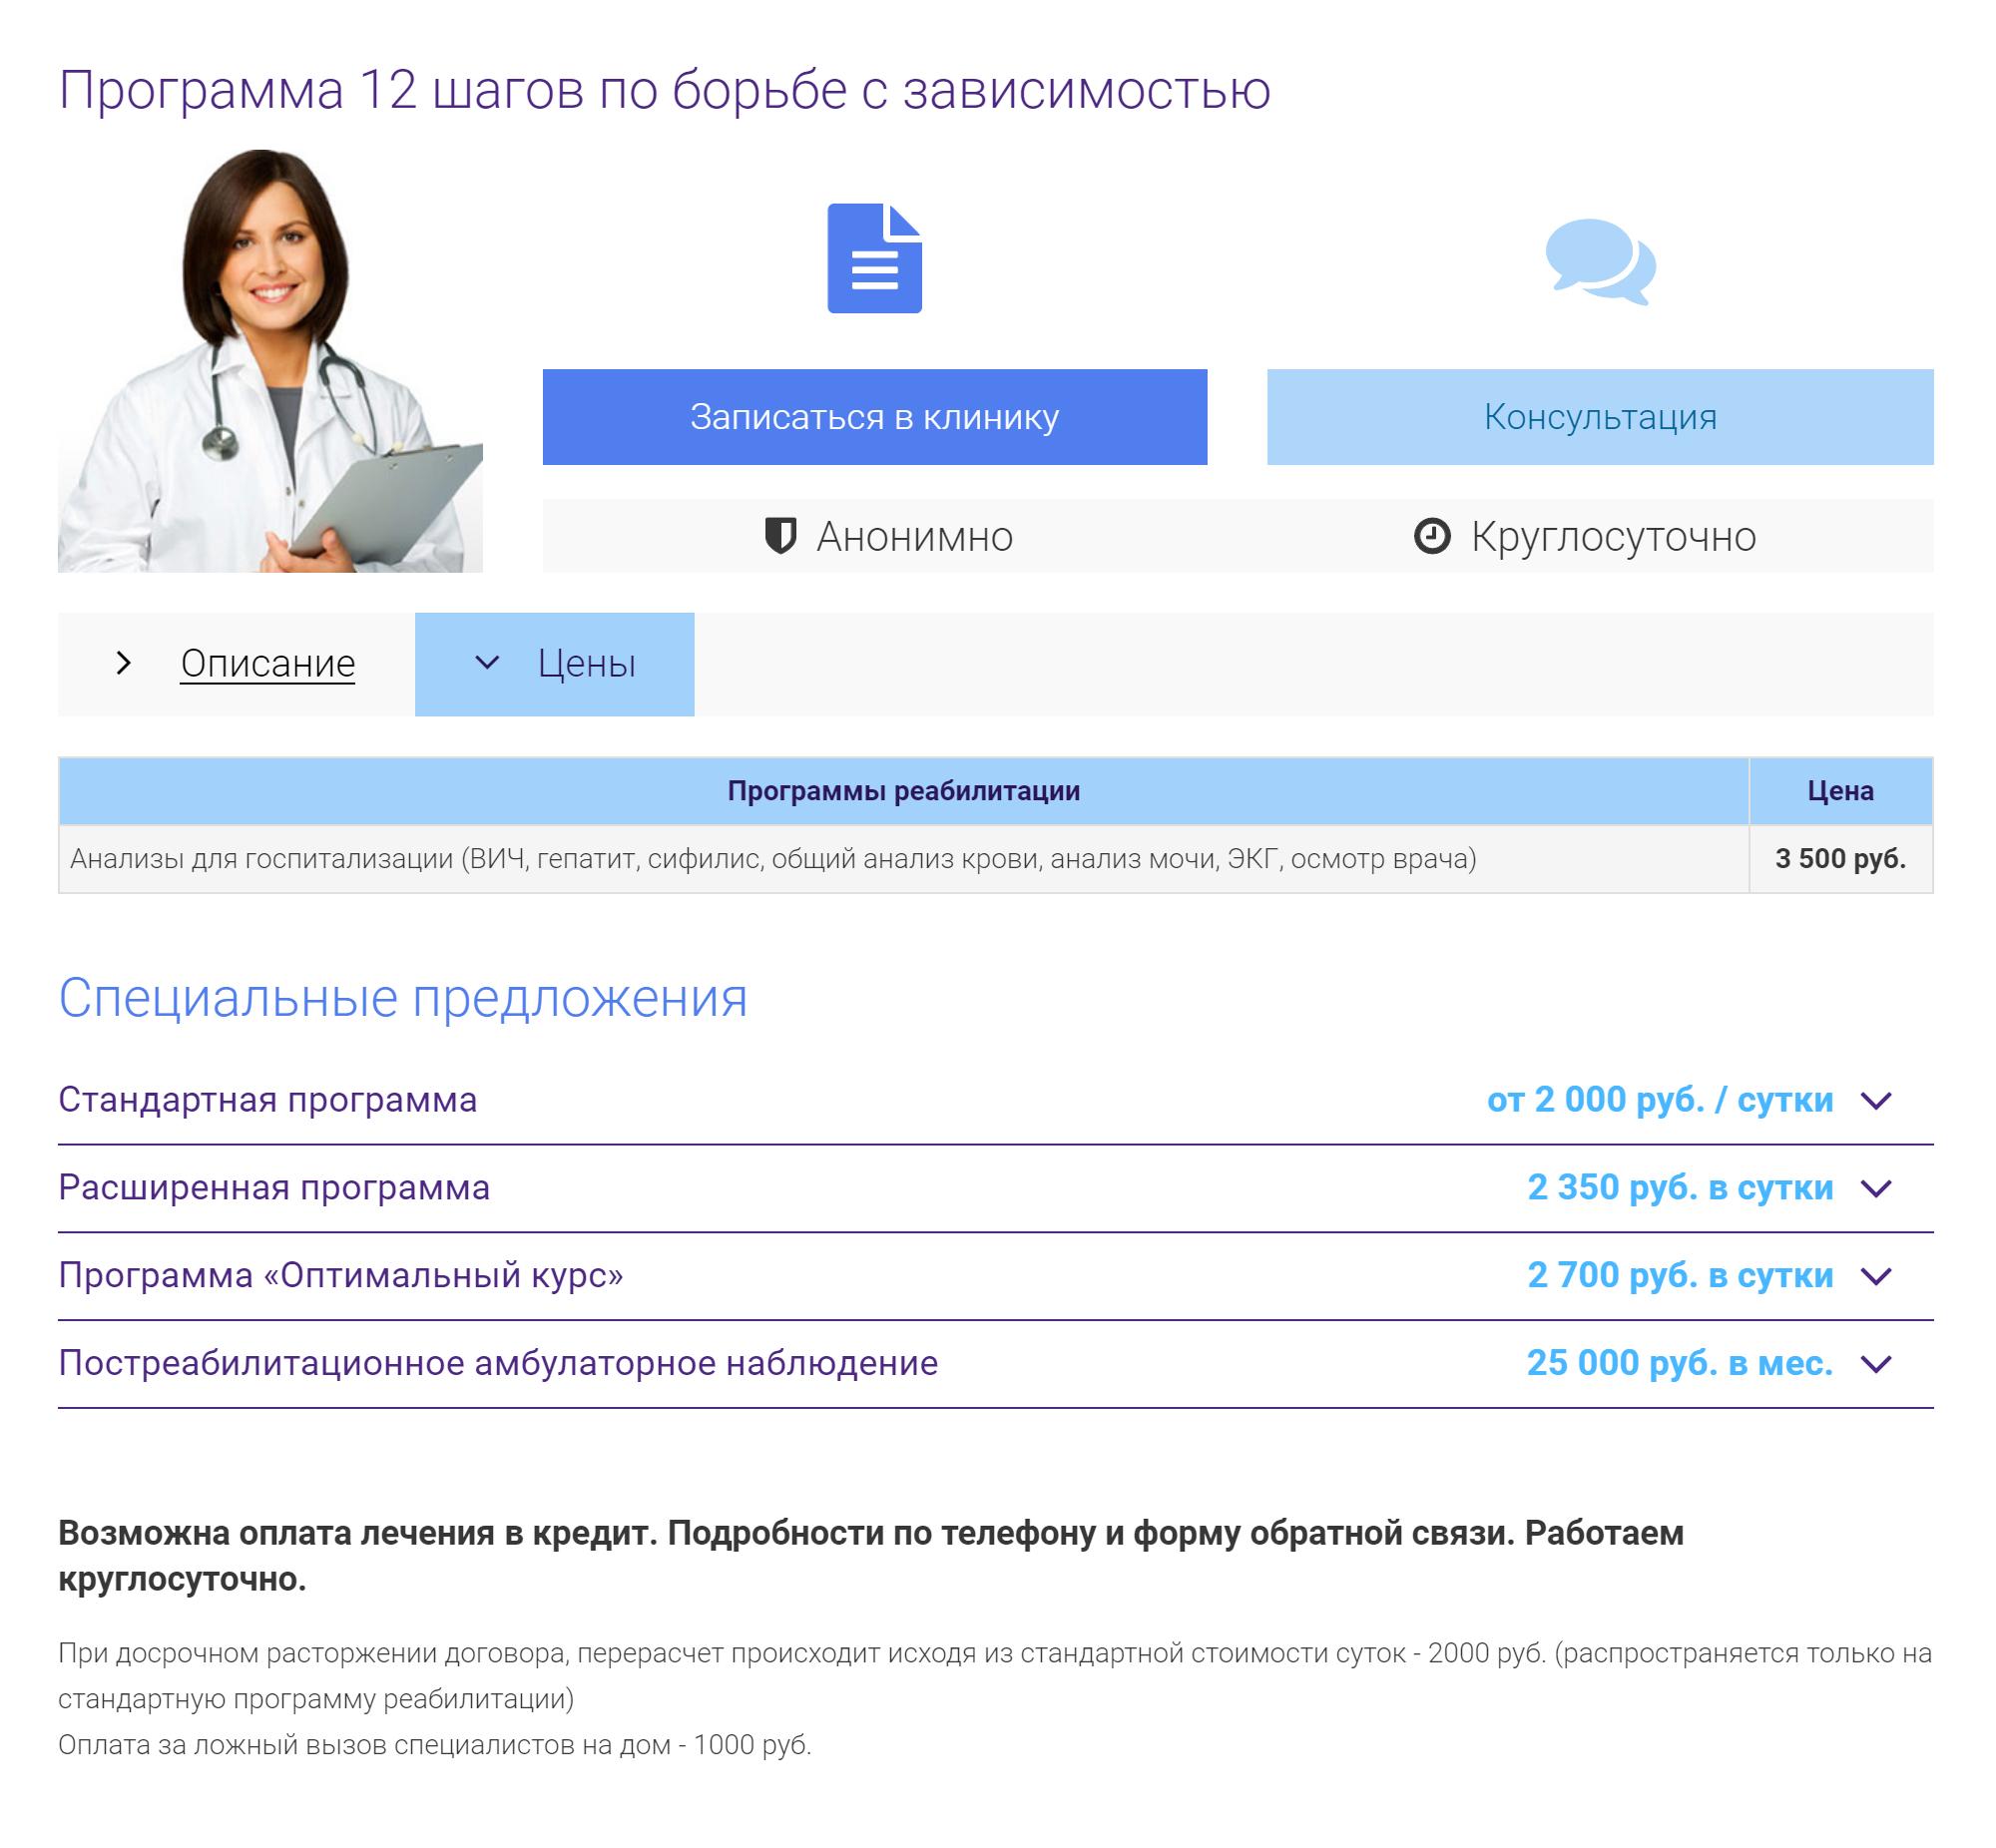 Программа «12 шагов по борьбе с зависимостью» предлагается во многих клиниках. Цены на программу в наркологической клинике «Ибис» в Москве